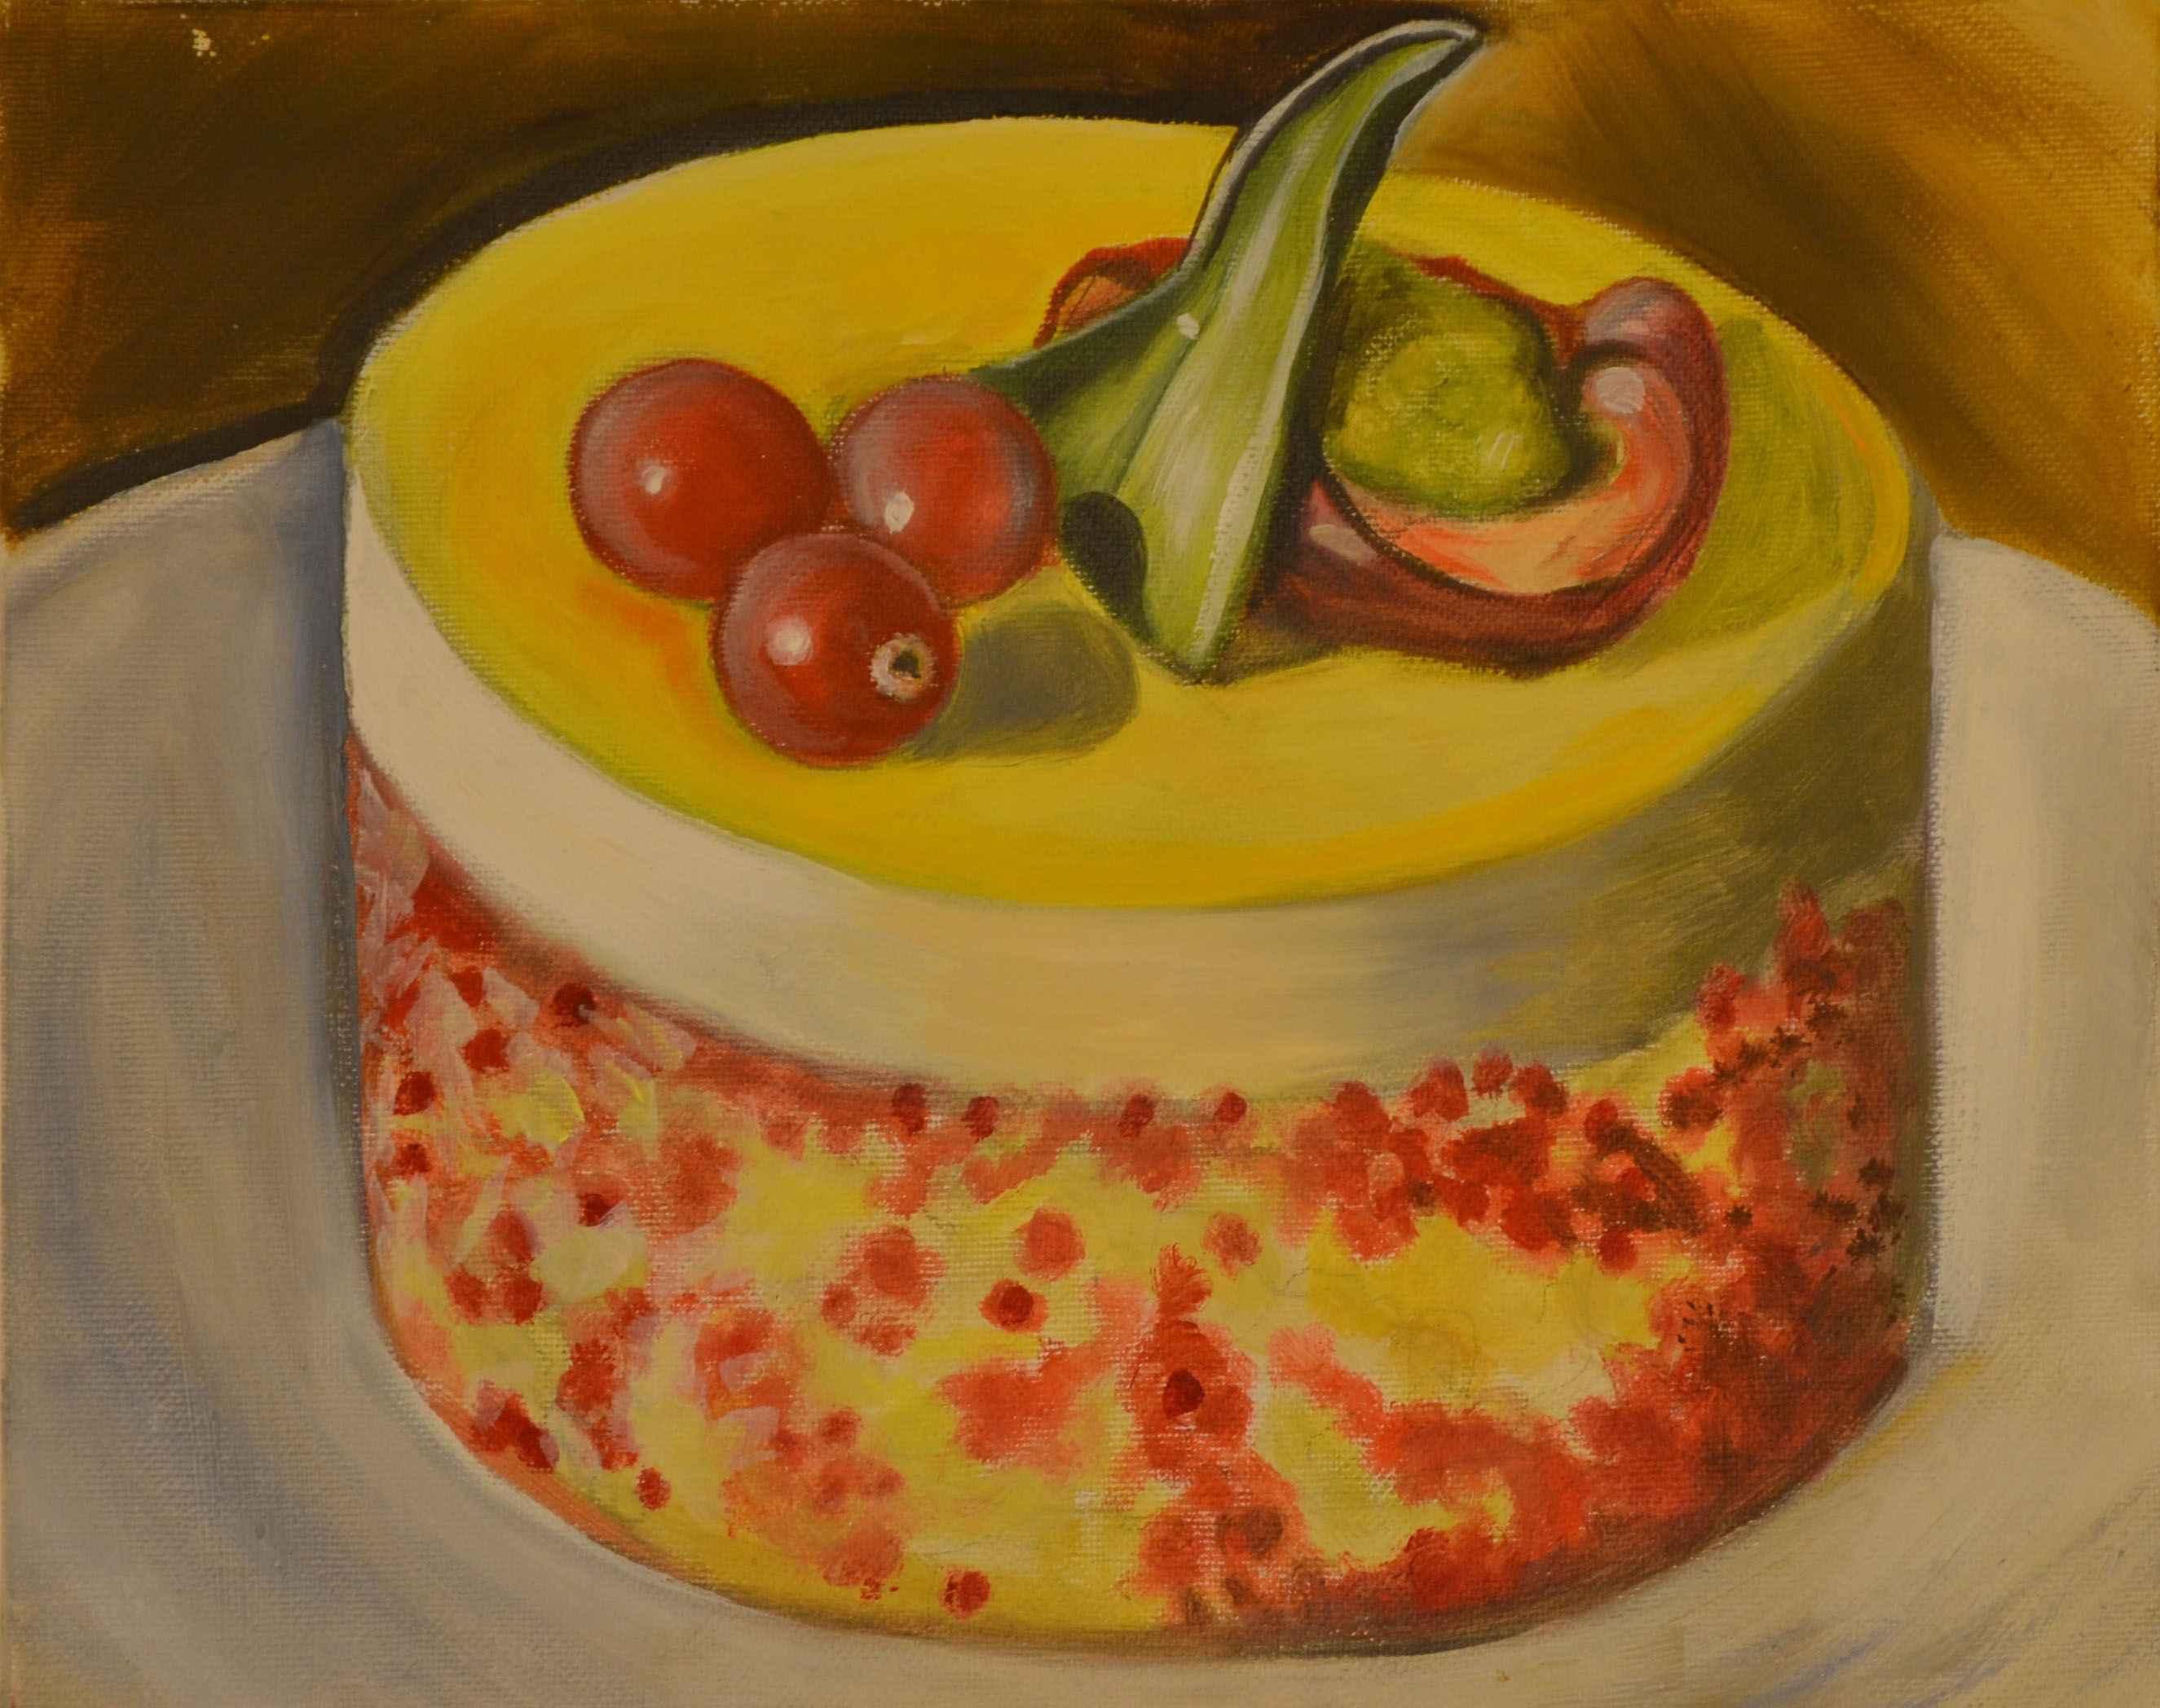 Mousse au citron by Ms. Rebecca Vincenzi - Masterpiece Online